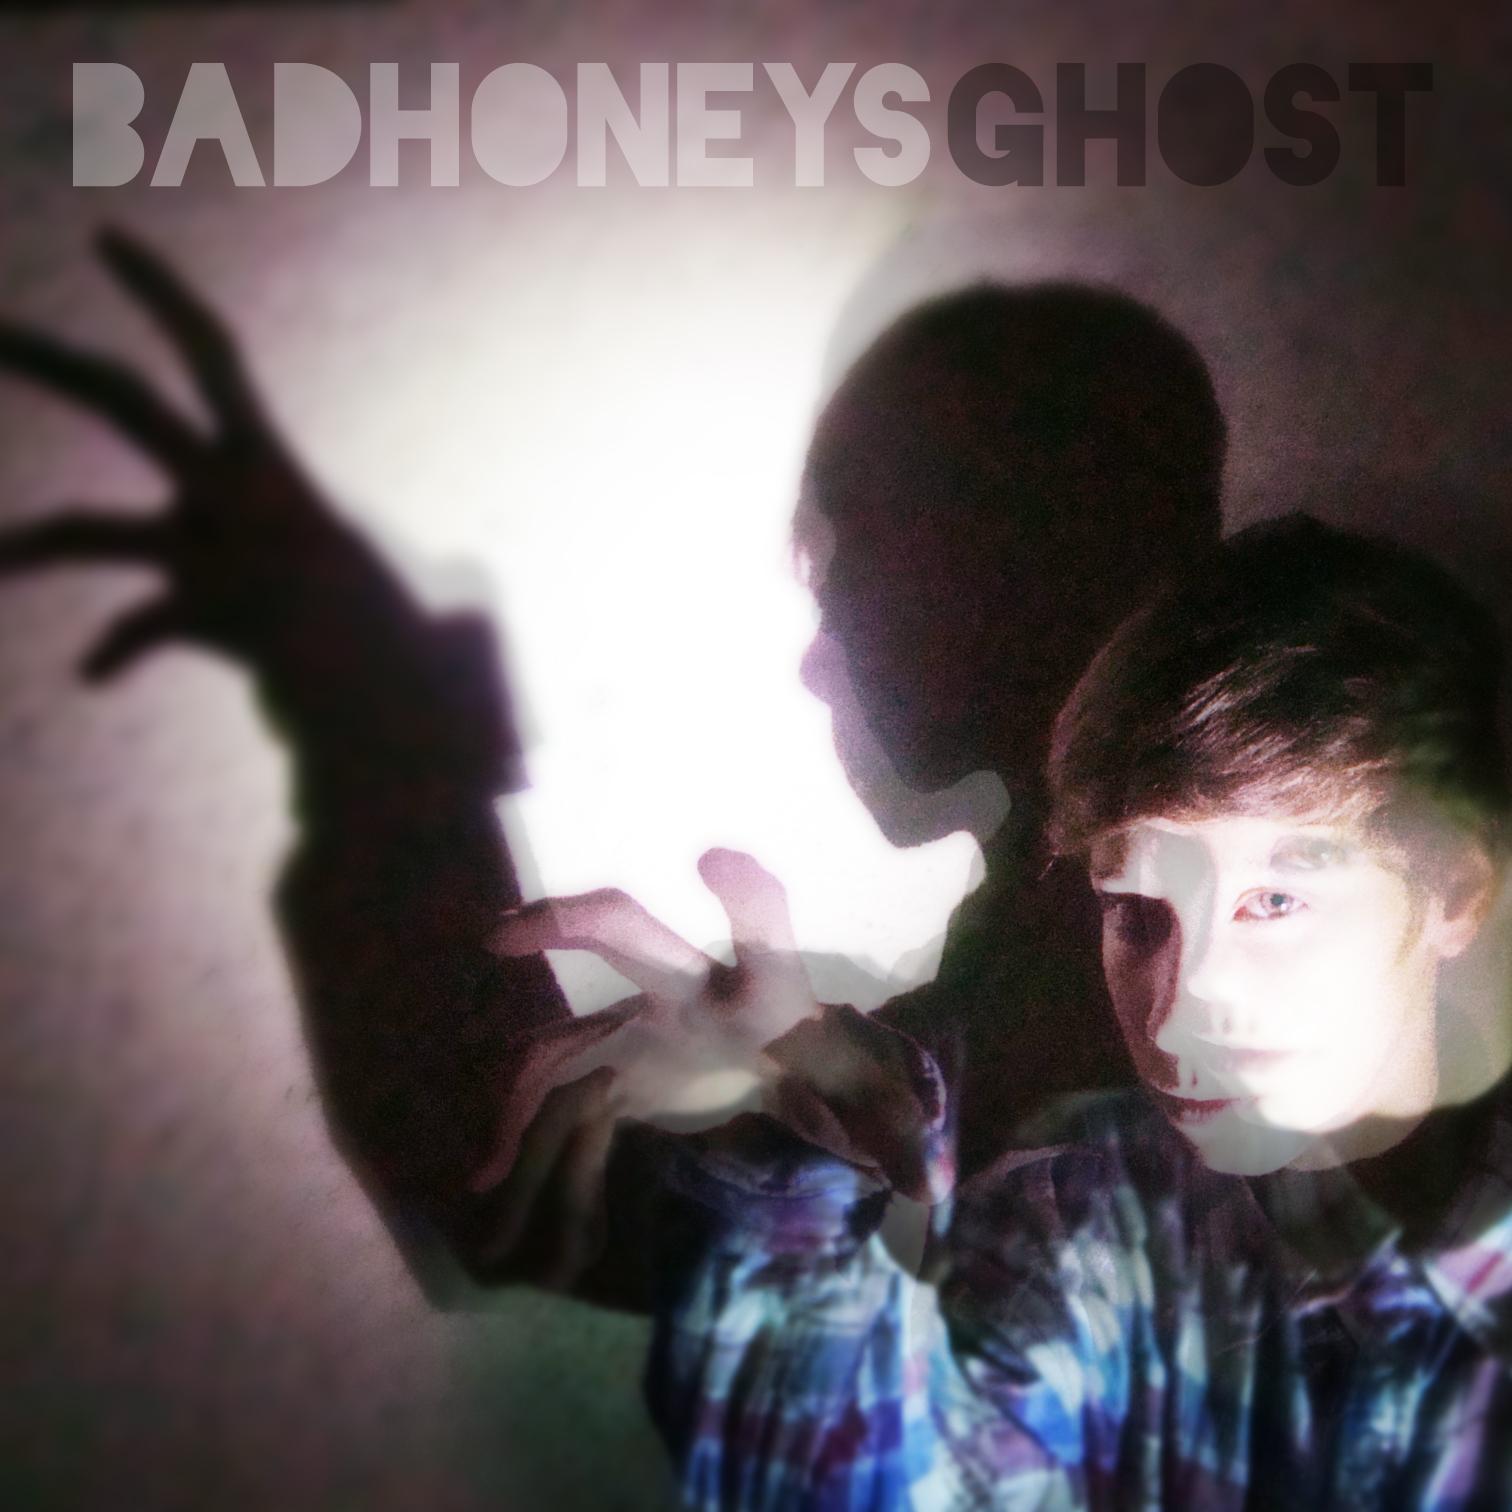 Badhoneys